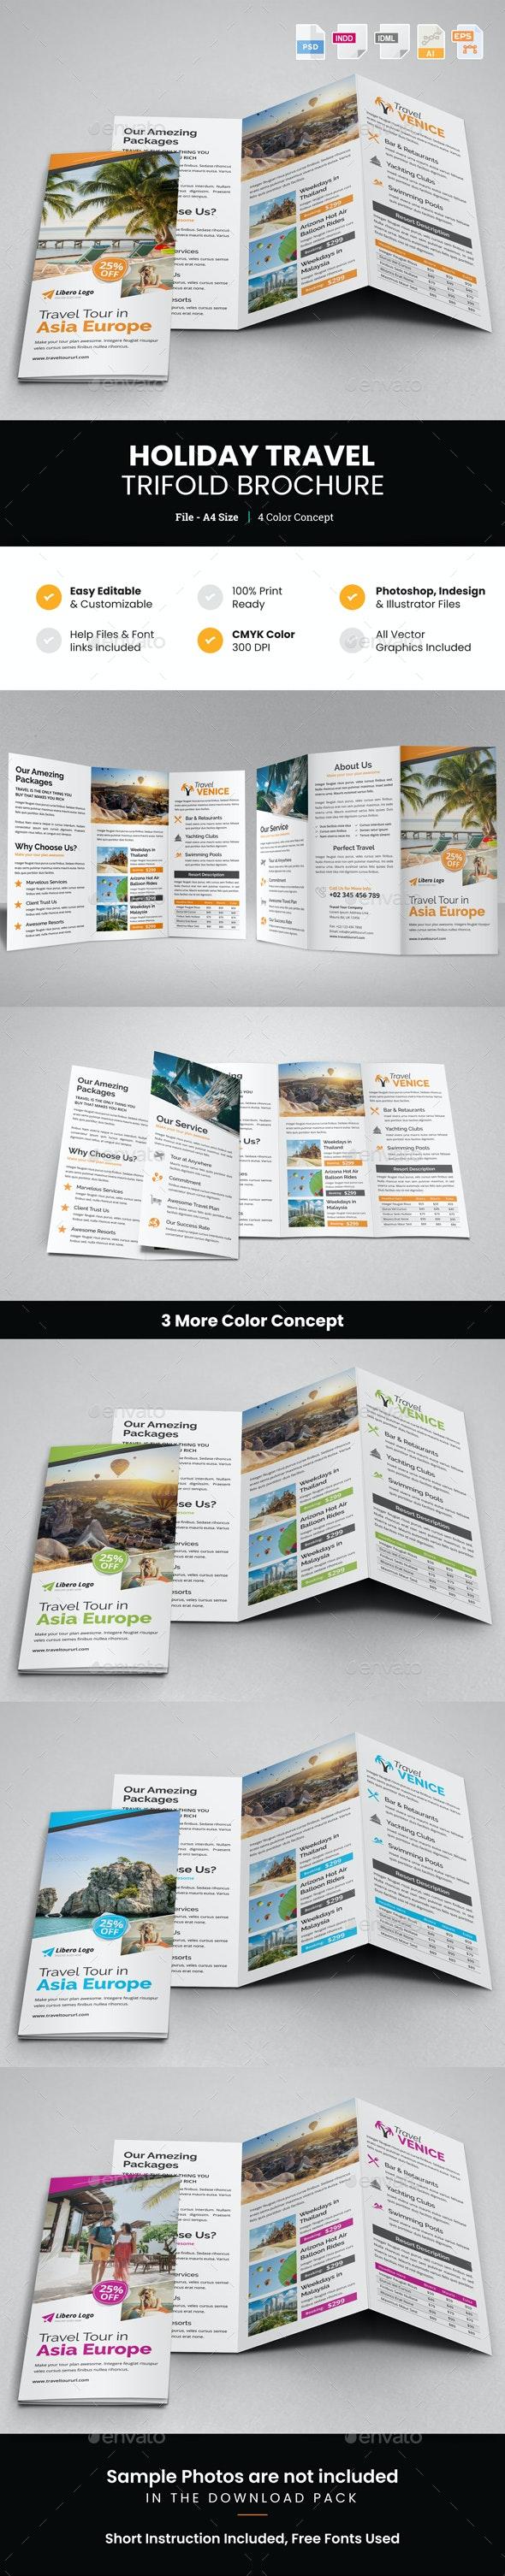 Travel Resort Trifold Brochure Design v4 - Corporate Brochures